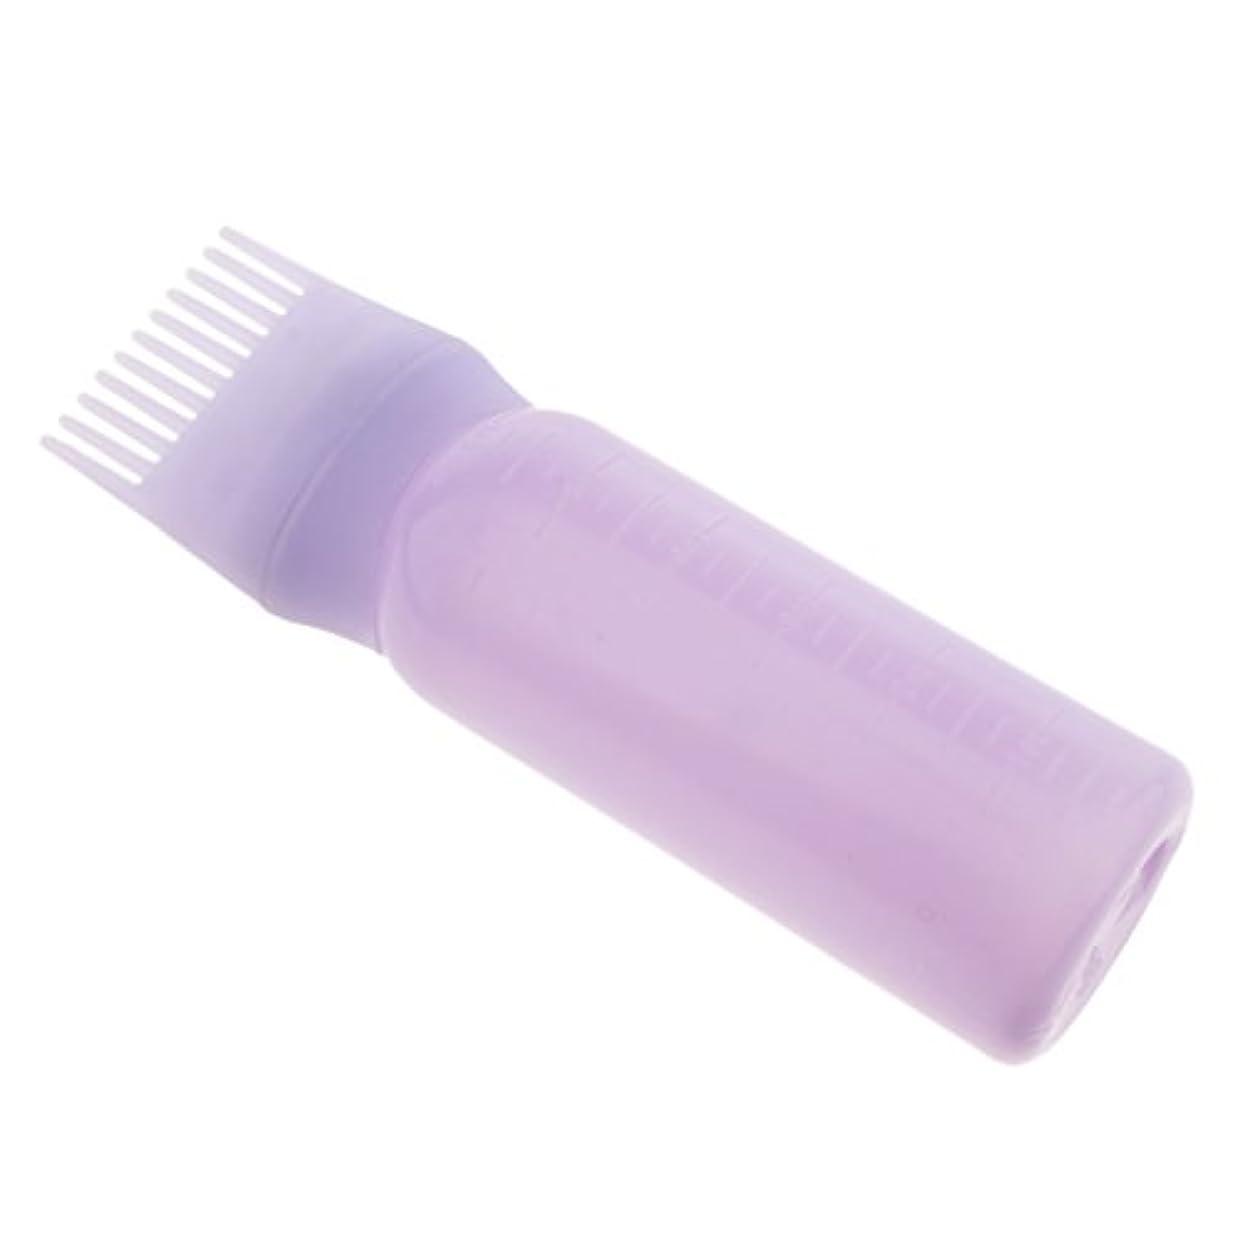 報酬の前置詞神経障害Perfeclan ヘアダイ ヘアカラー ボトル コーム ディスペンサー ブラシ付き 2タイプ選べる - 紫